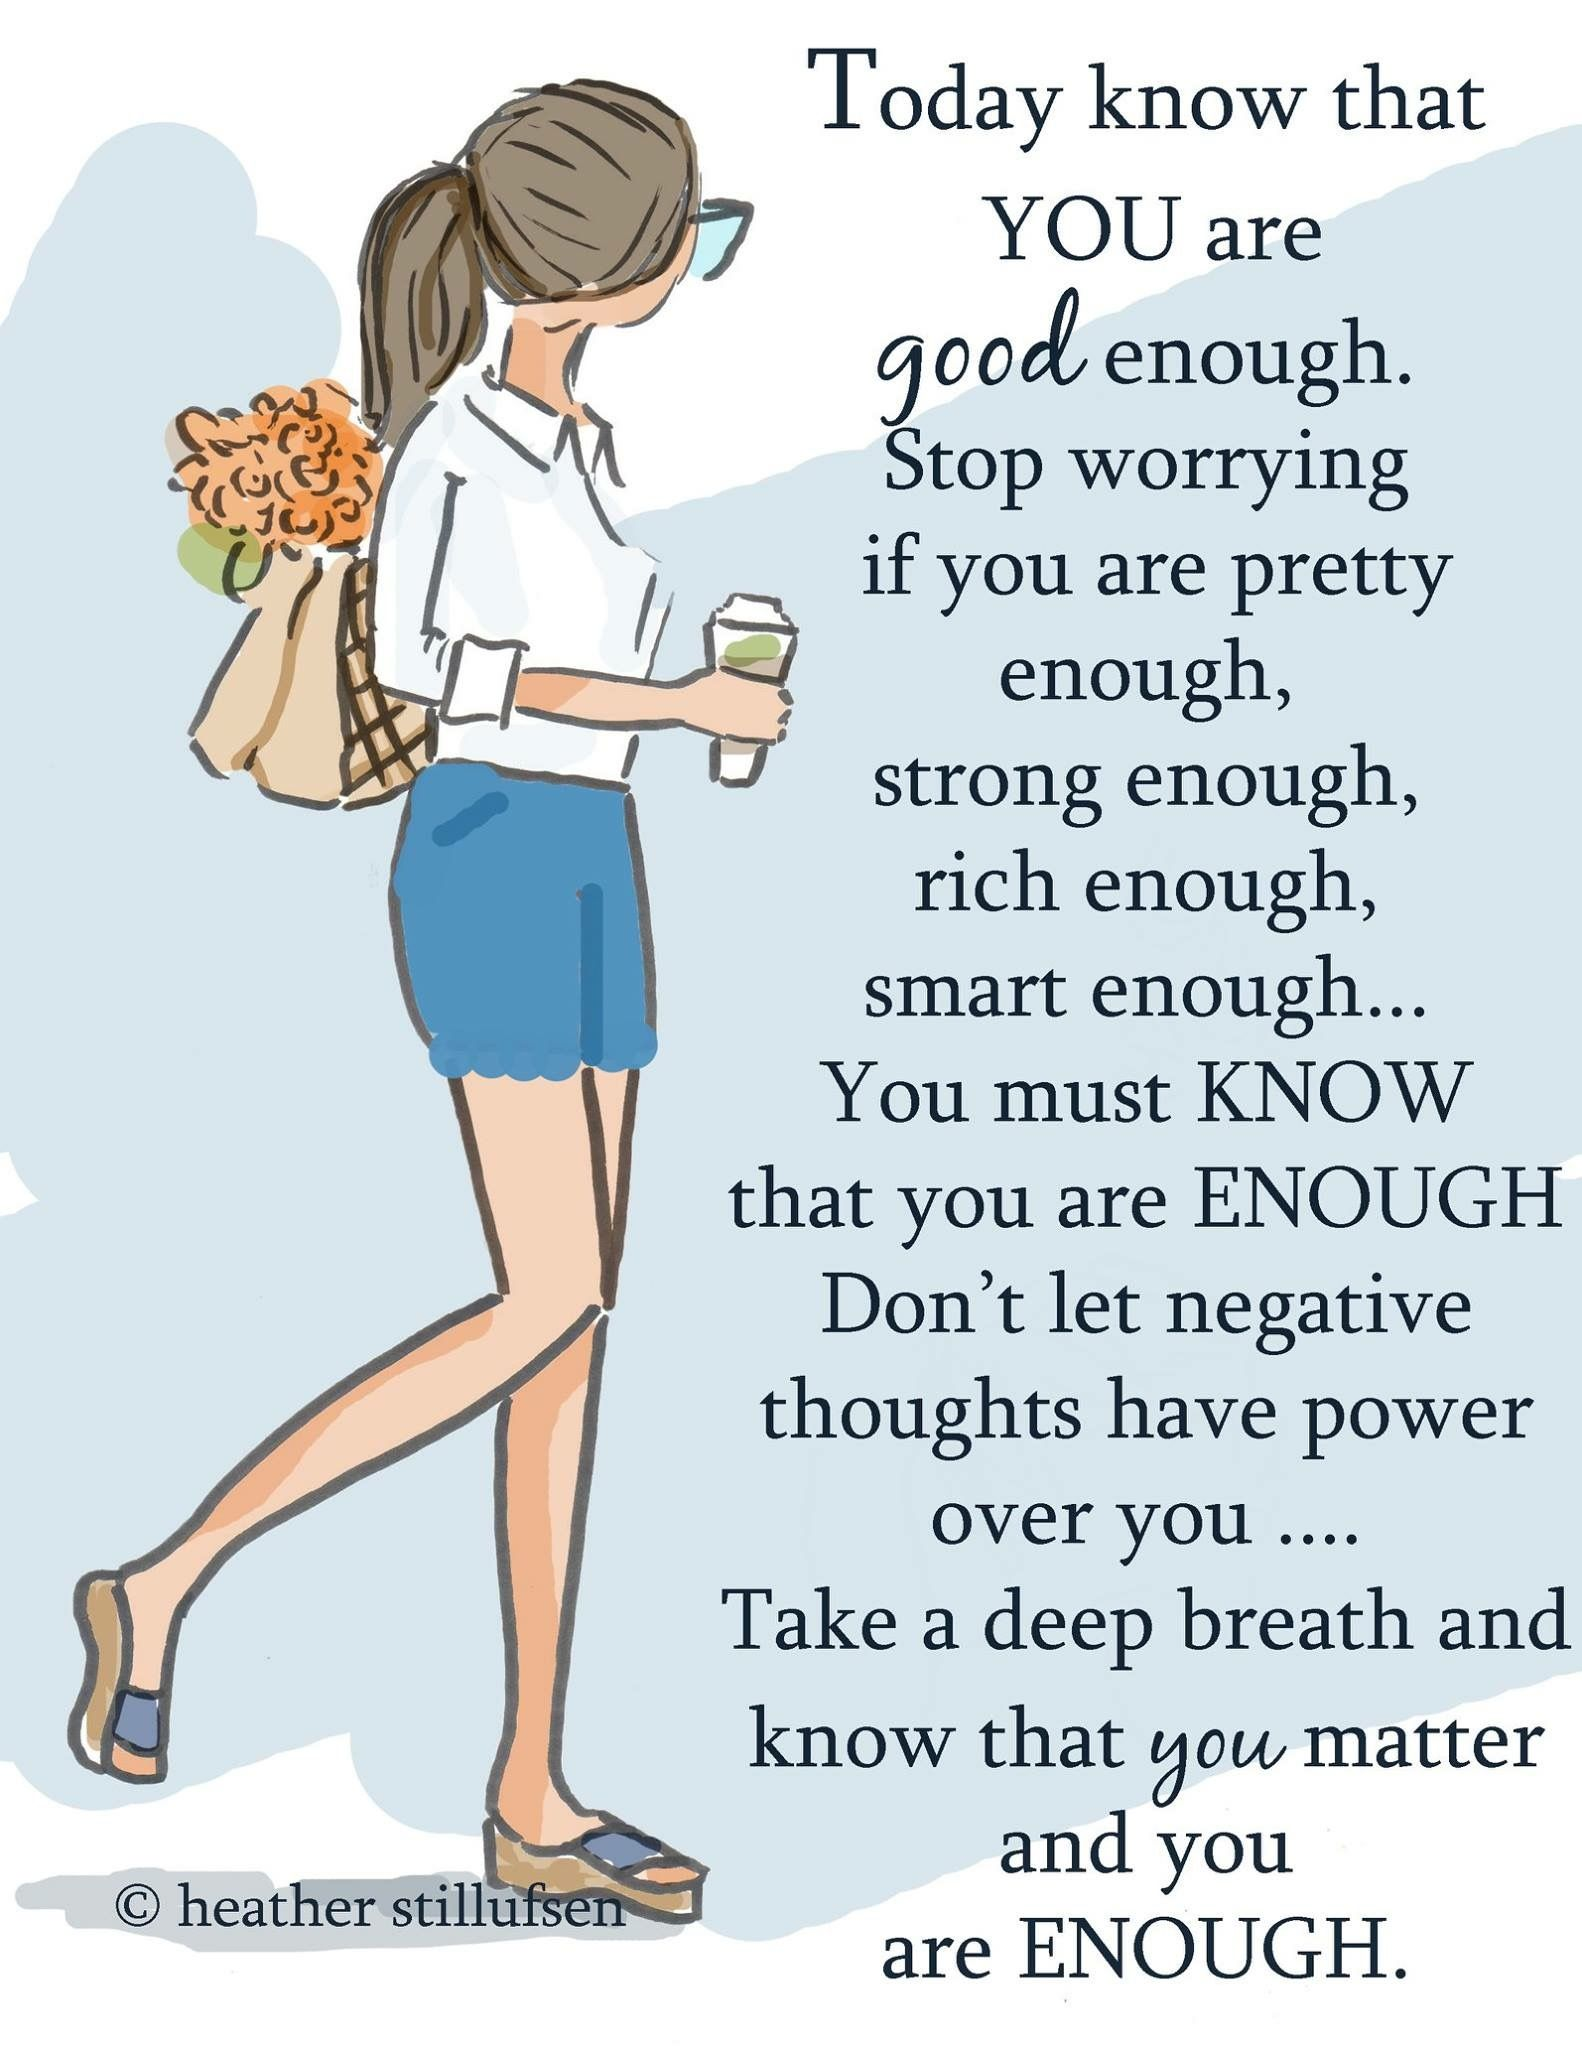 Hoy sabes que eres lo suficientemente bueno. Deja de preocuparte si eres bastante bonita, lo suficientemente fuerte, lo suficientemente rica, lo suficientemente inteligente... Debes saber que eres suficiente no dejes que los pensamientos negativos tengan poder sobre ti... Respira hondo y sabes que lo que te importa y tú son suficientes.